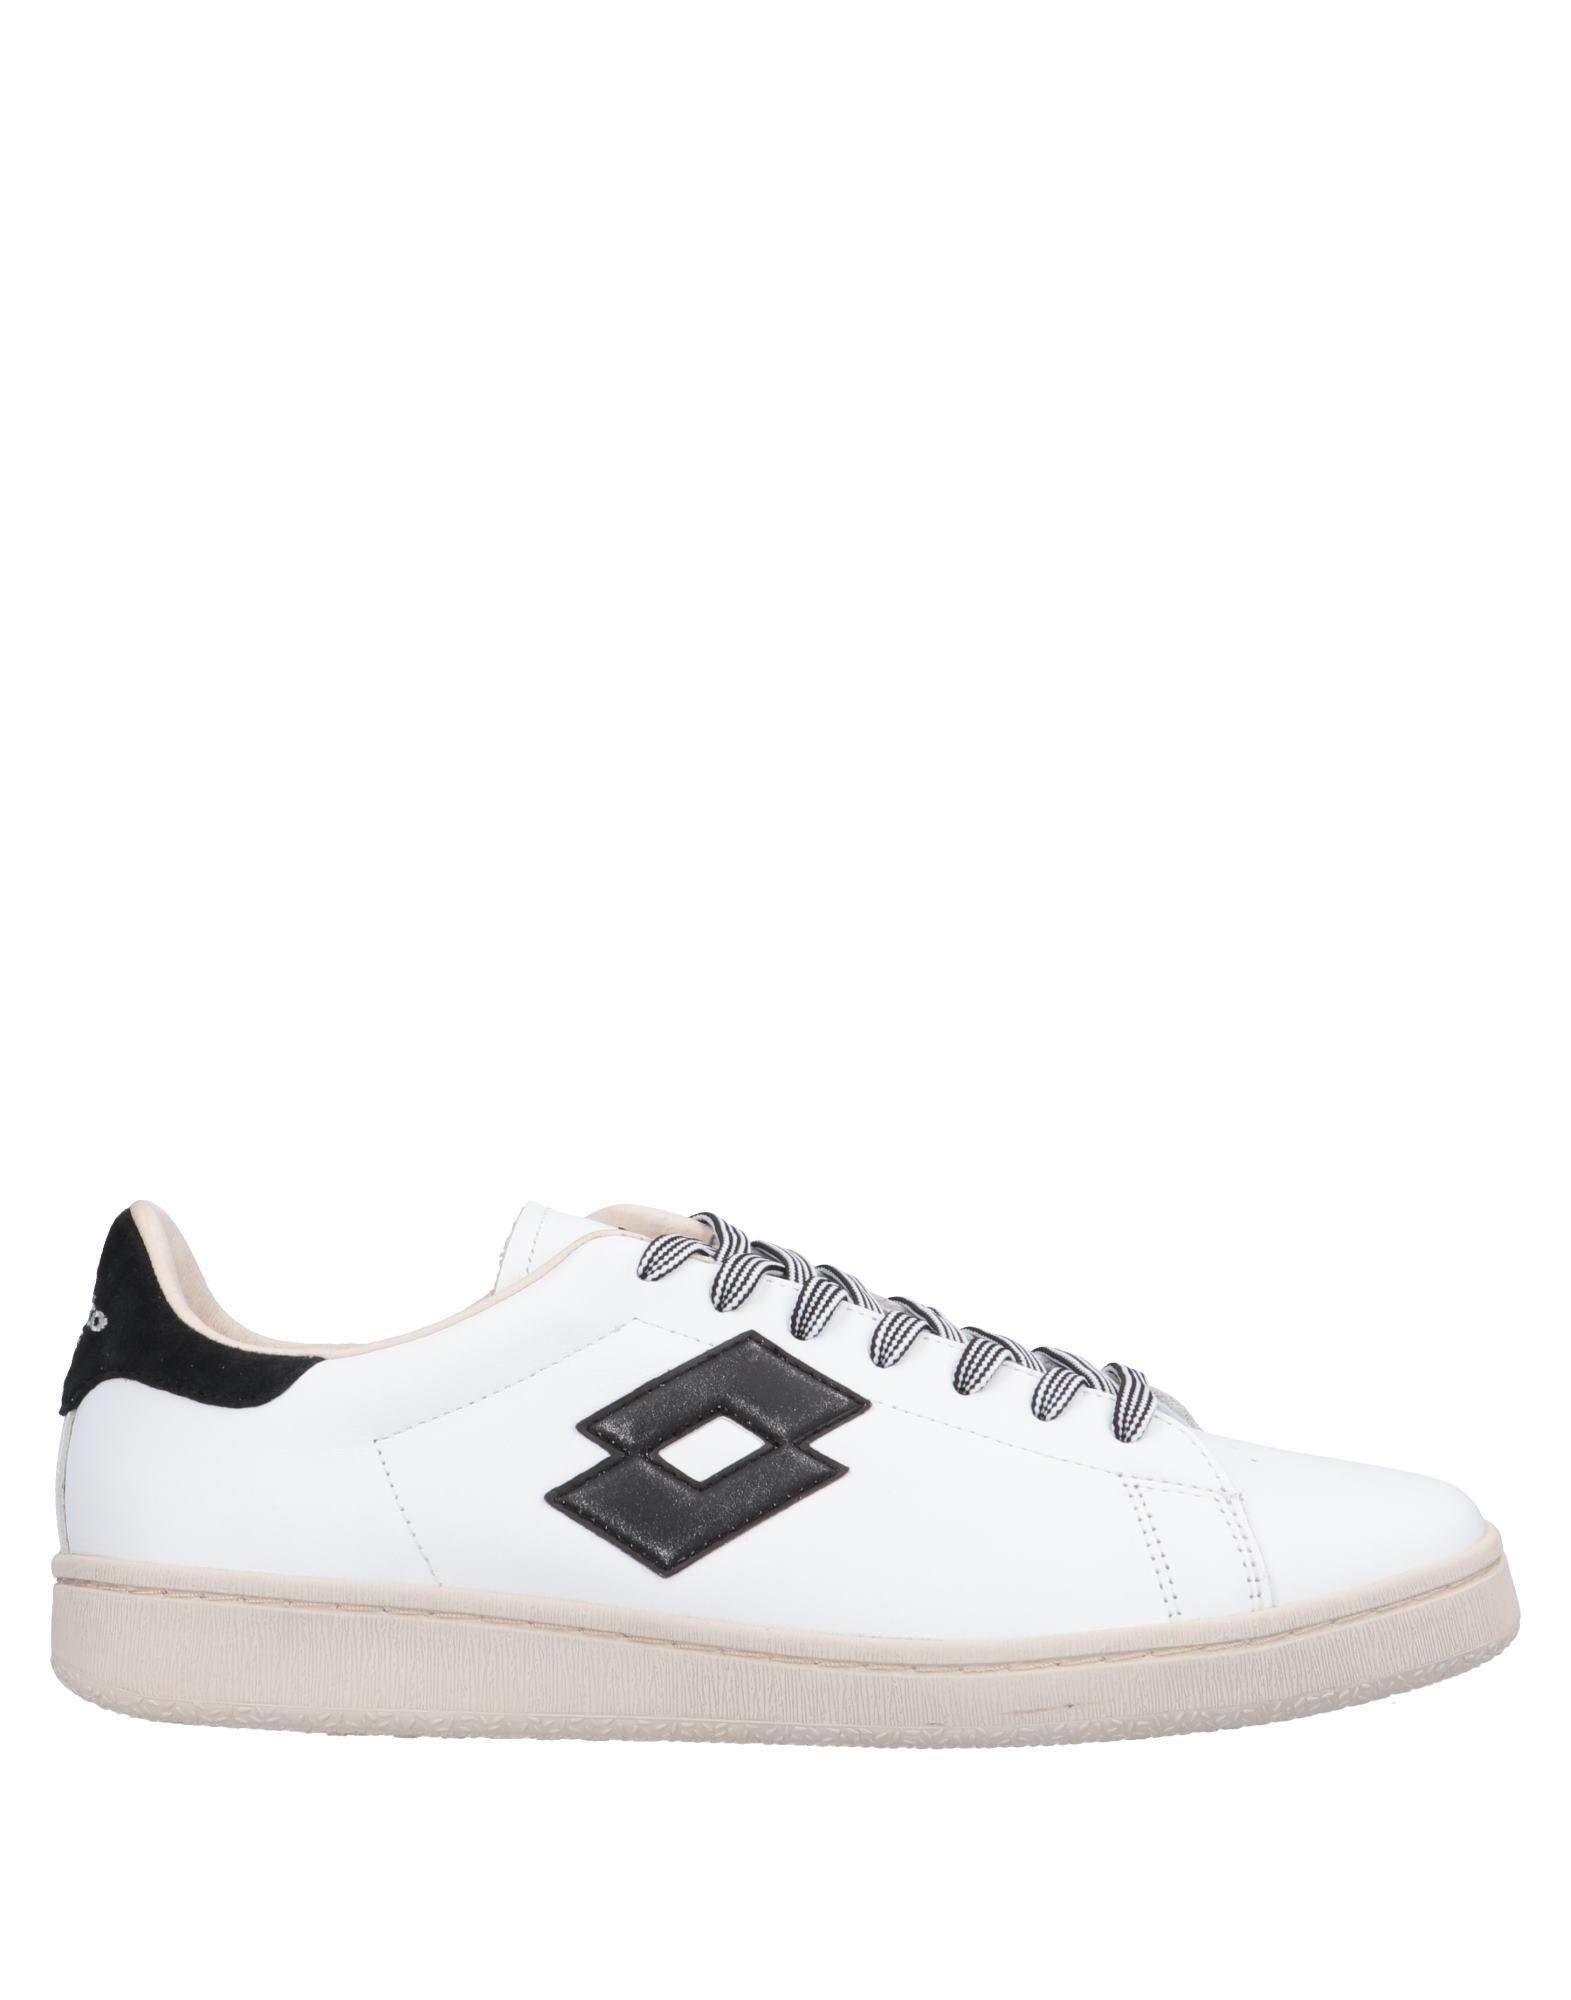 《送料無料》LOTTO LEGGENDA メンズ スニーカー&テニスシューズ(ローカット) ホワイト 40 革 / 紡績繊維